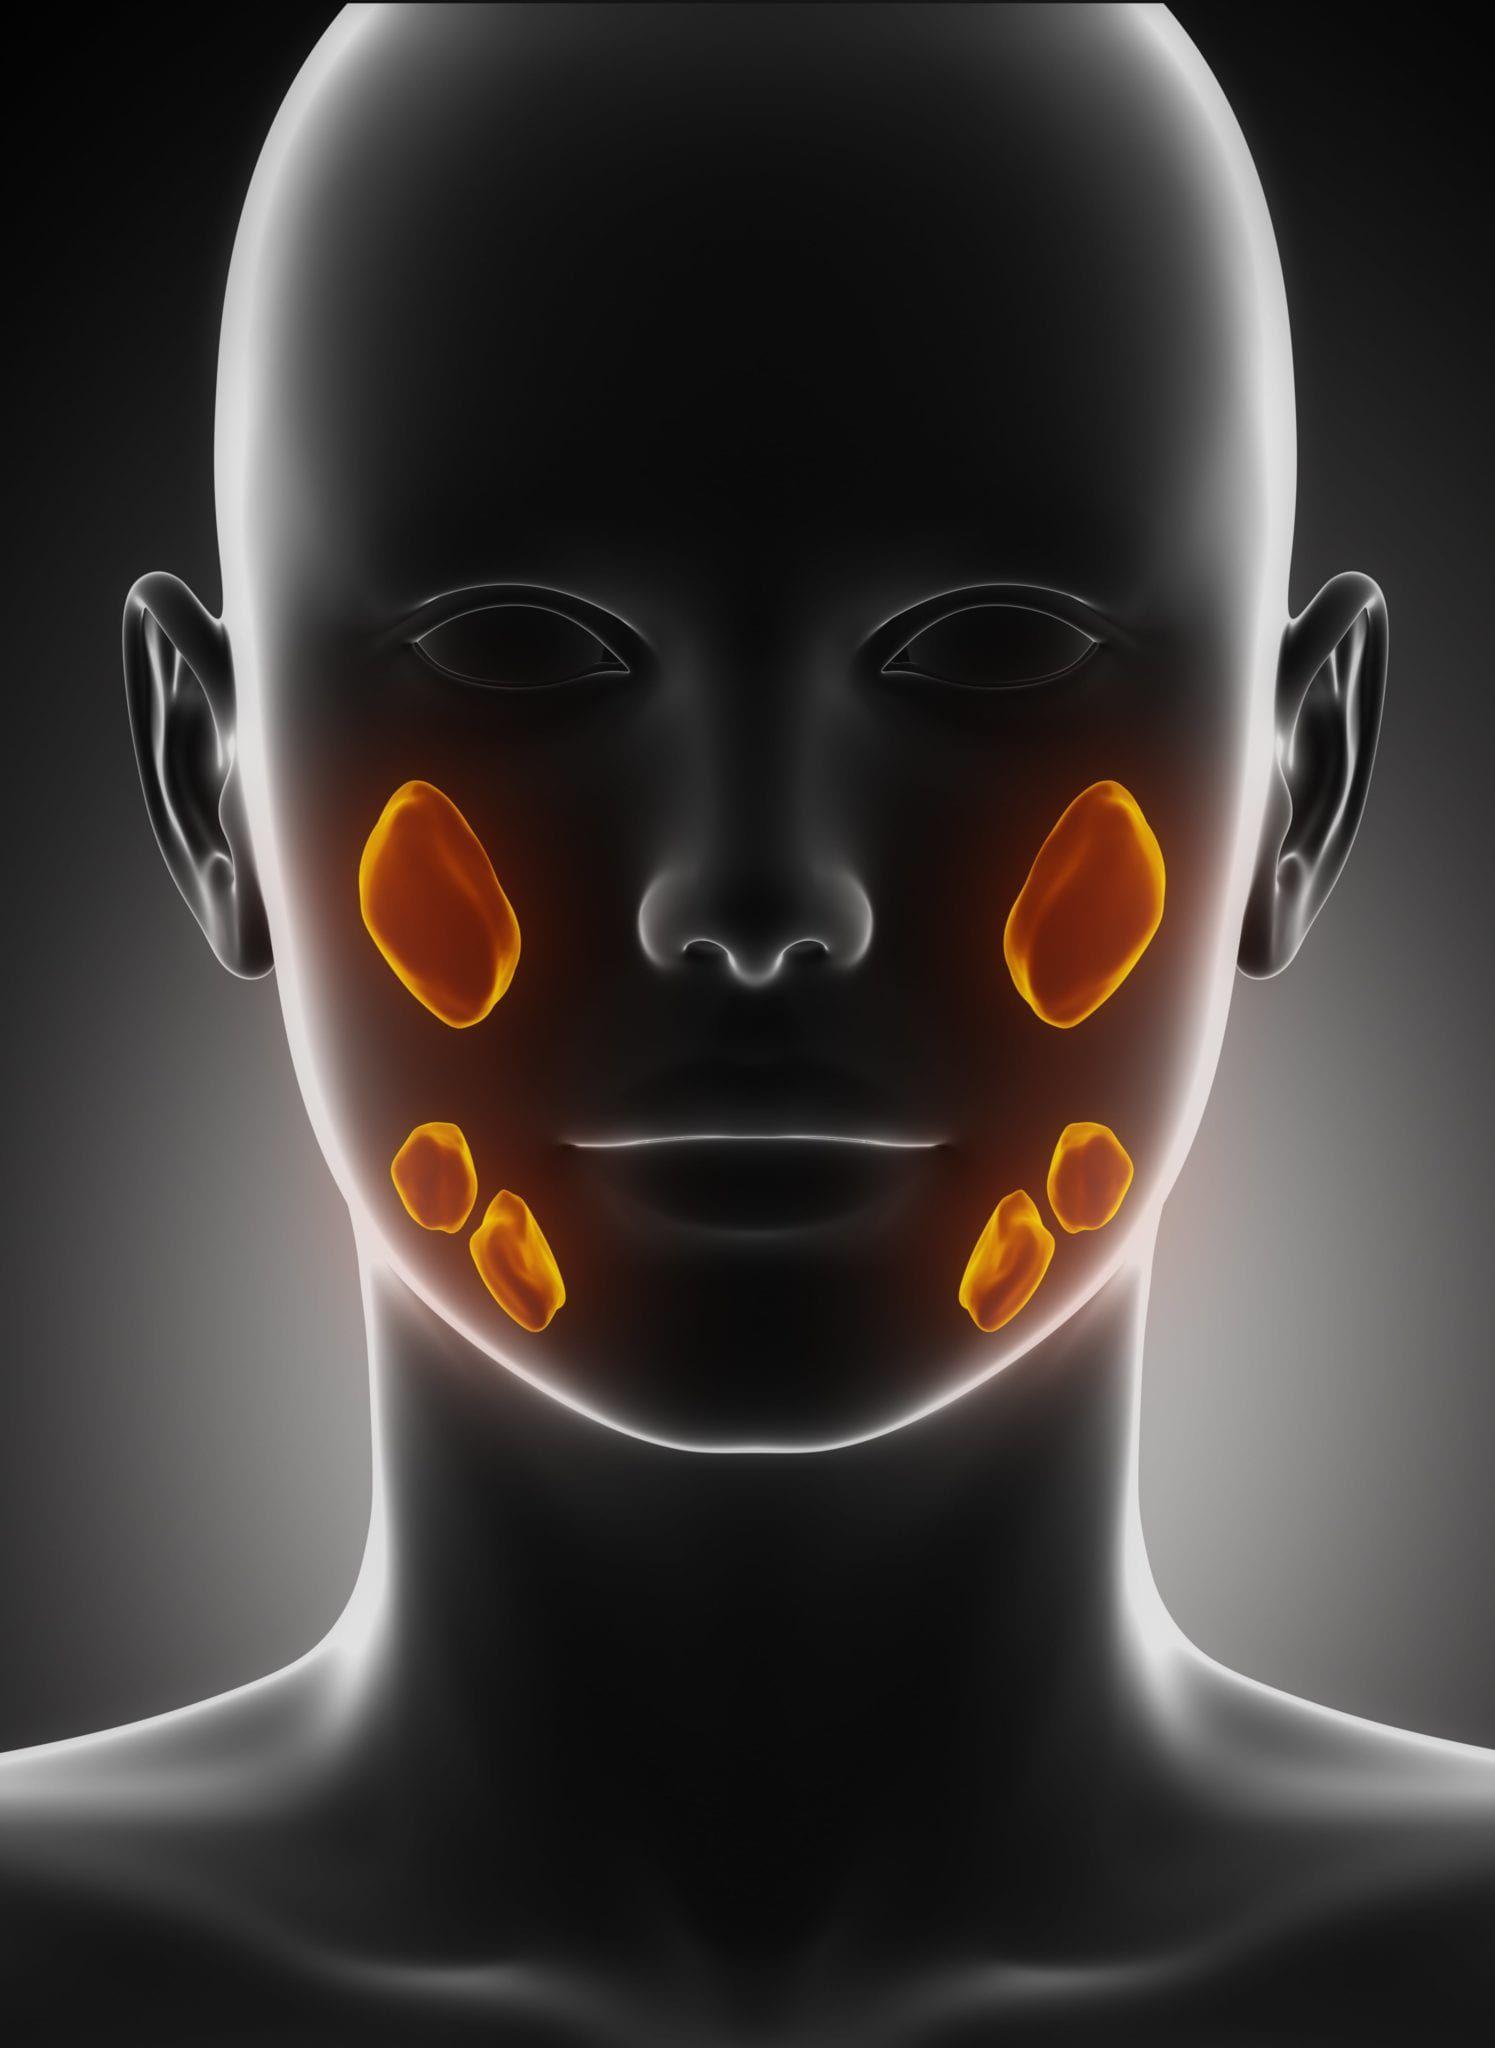 orange salivary glands on black outline of face